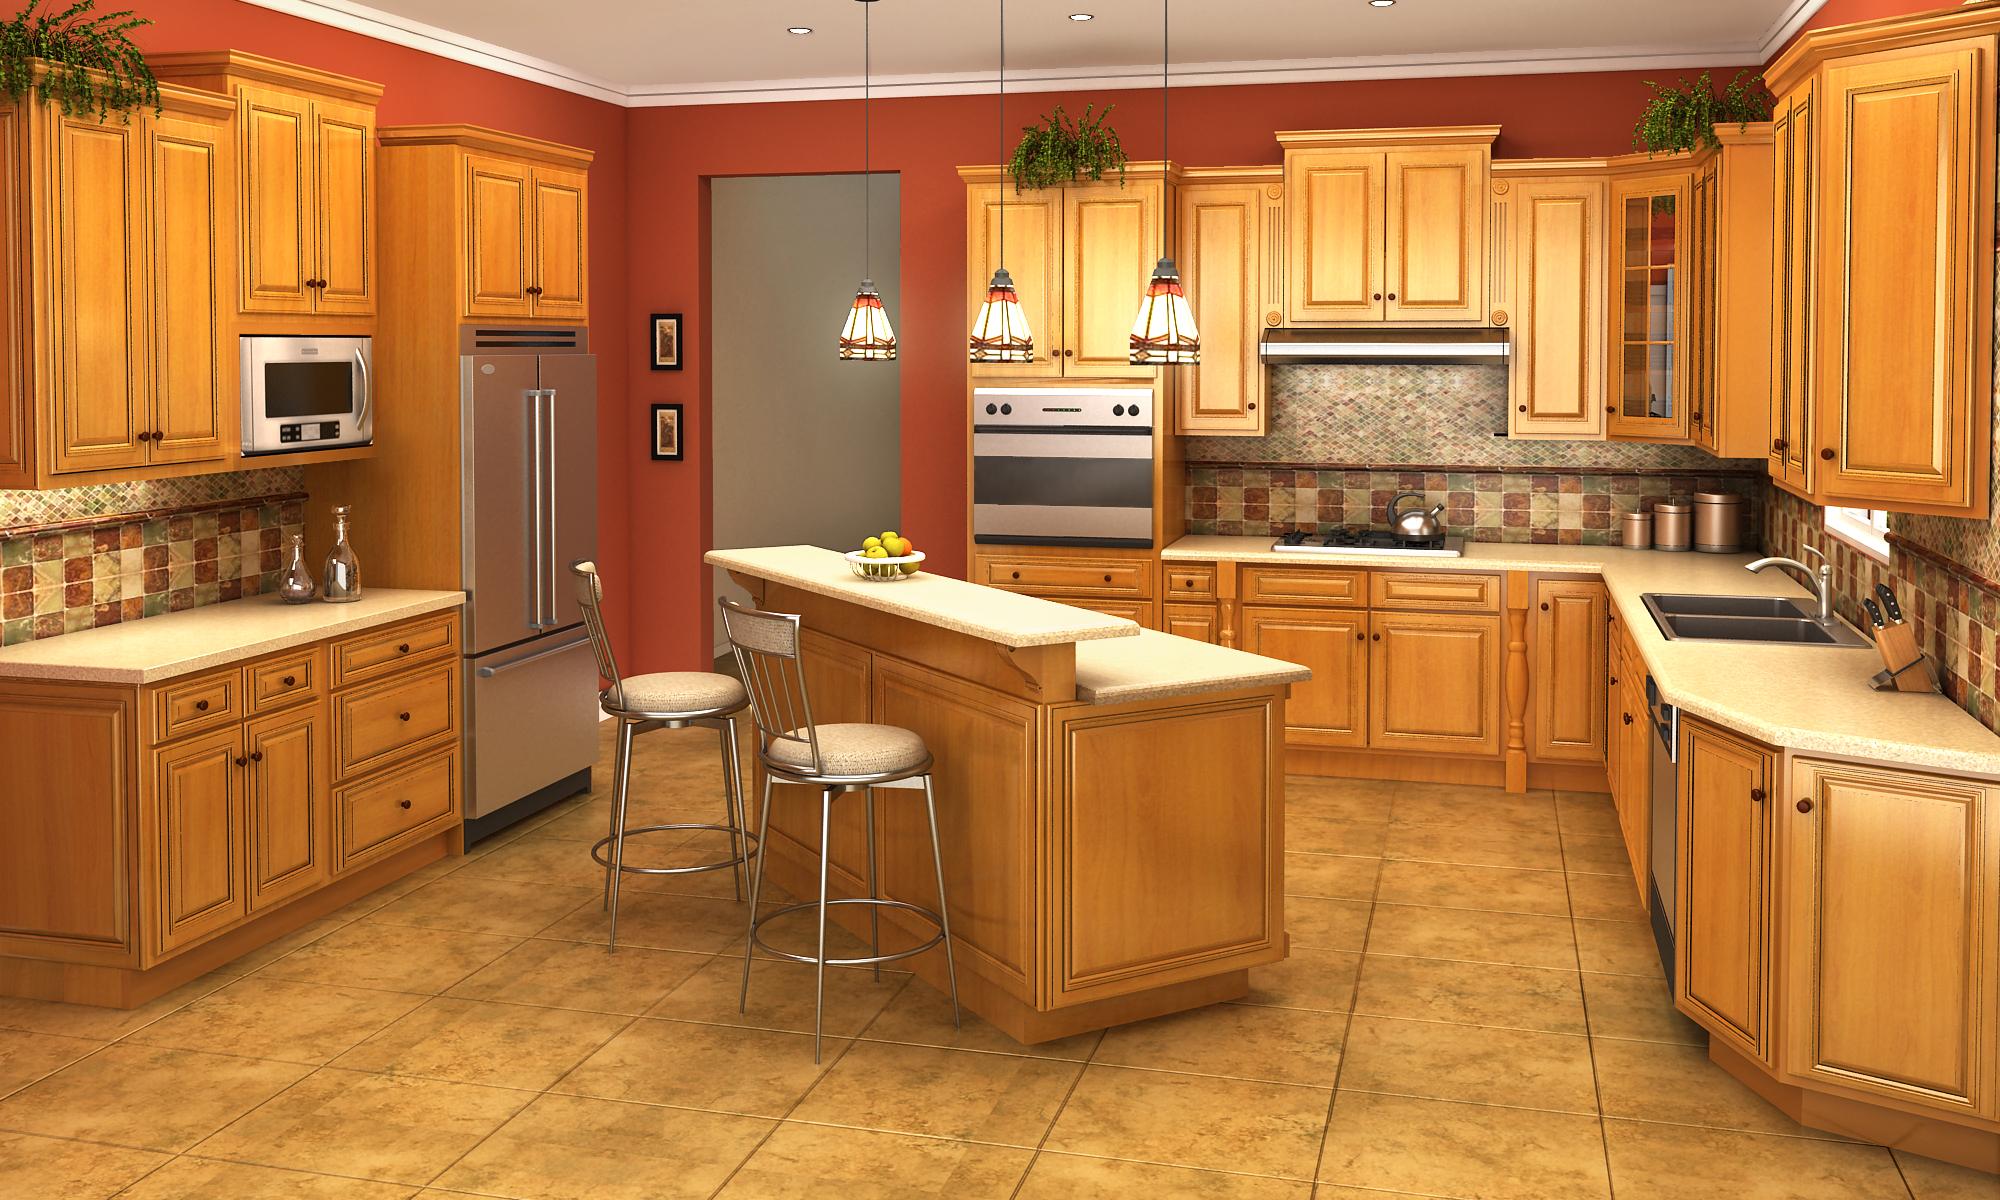 IKS Savannah Kitchen Cabinets at DALCO Kitchens